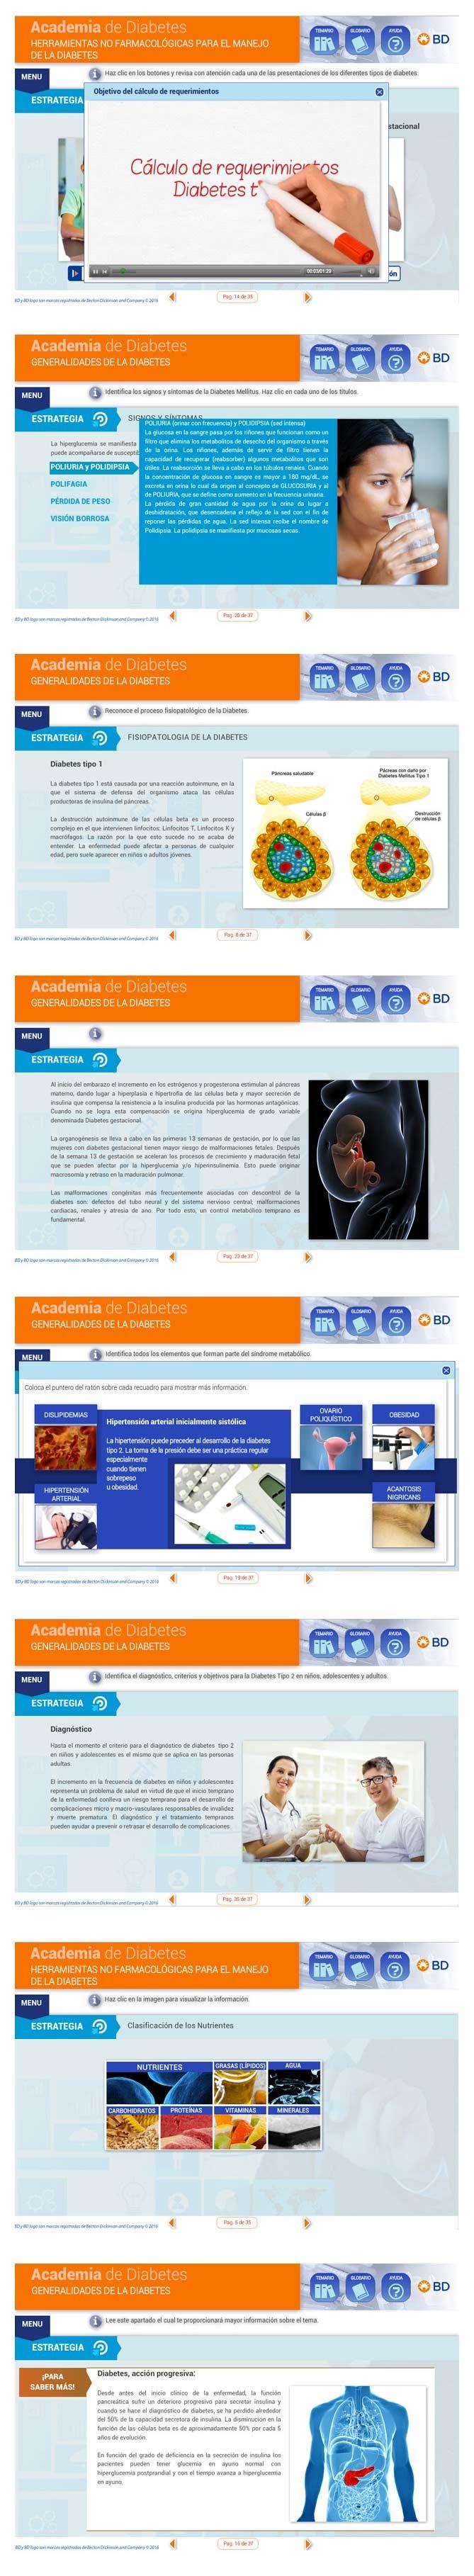 """Cliente: Beckton Dickinson  Diseño y desarrollo de curso en línea """"Academia de Diabetes""""."""